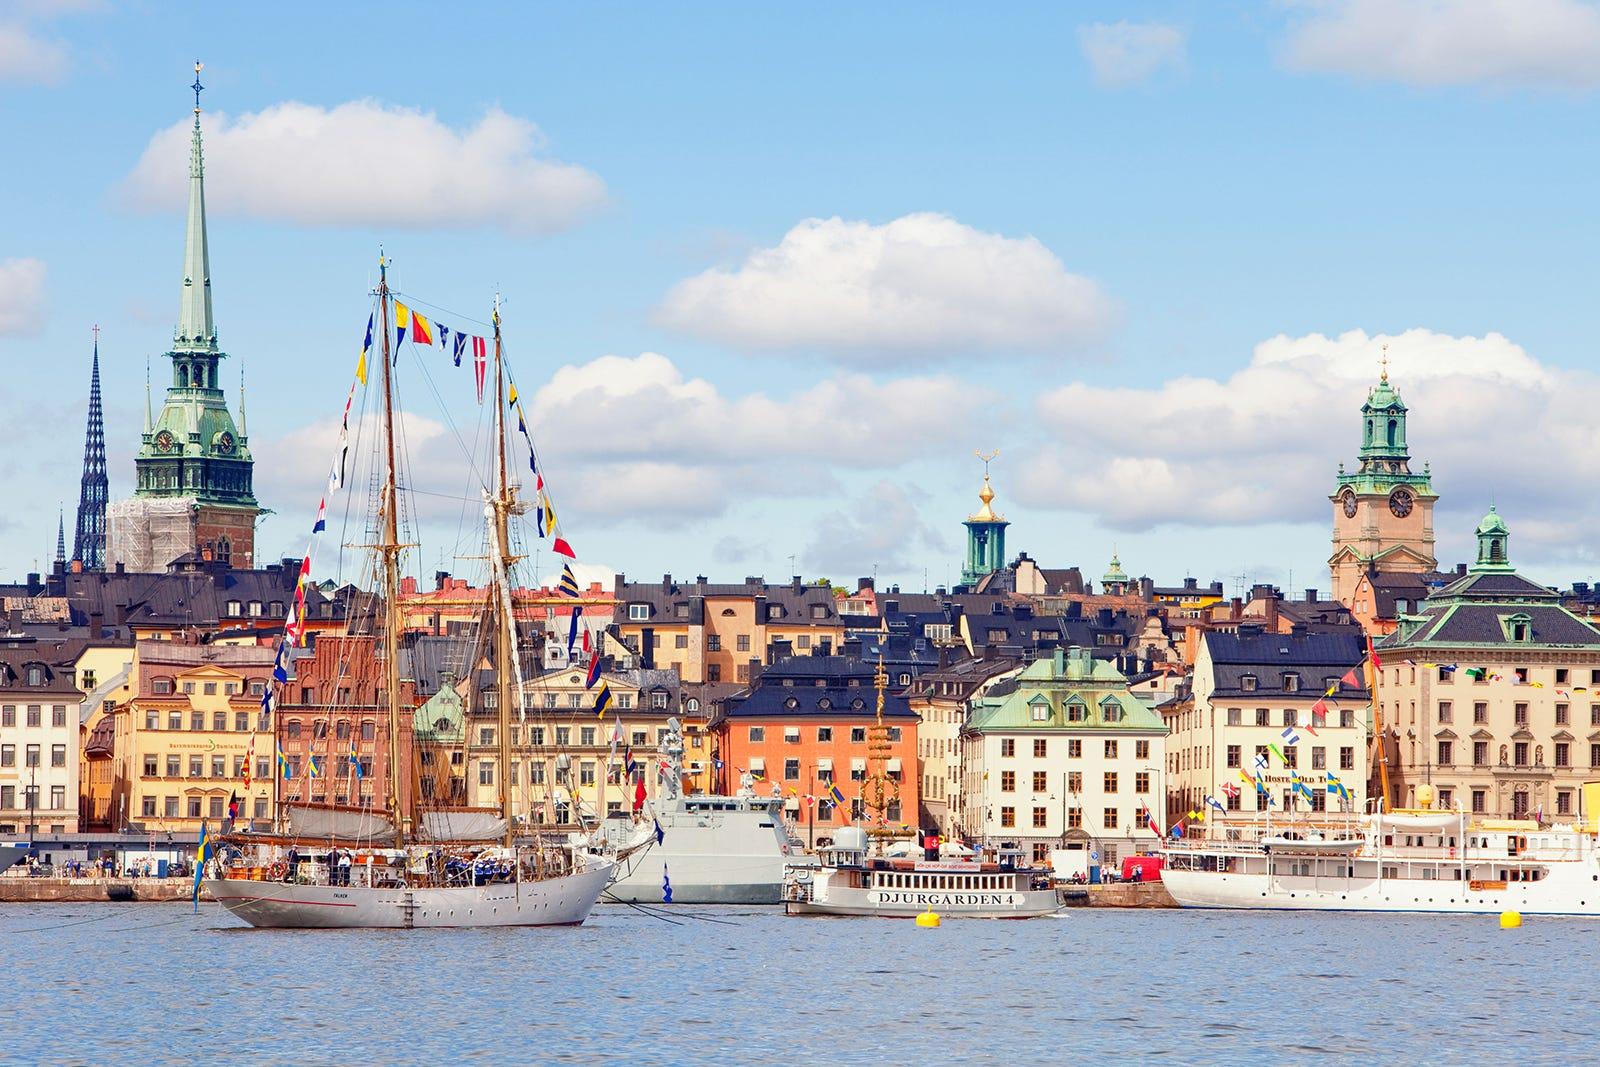 Inilah kota yang selalu disebut sebagai Postcard of Scandinavia, dengan toko-toko dan lingkungan yang mewah, dan surga belanja yang aman | shutterstock